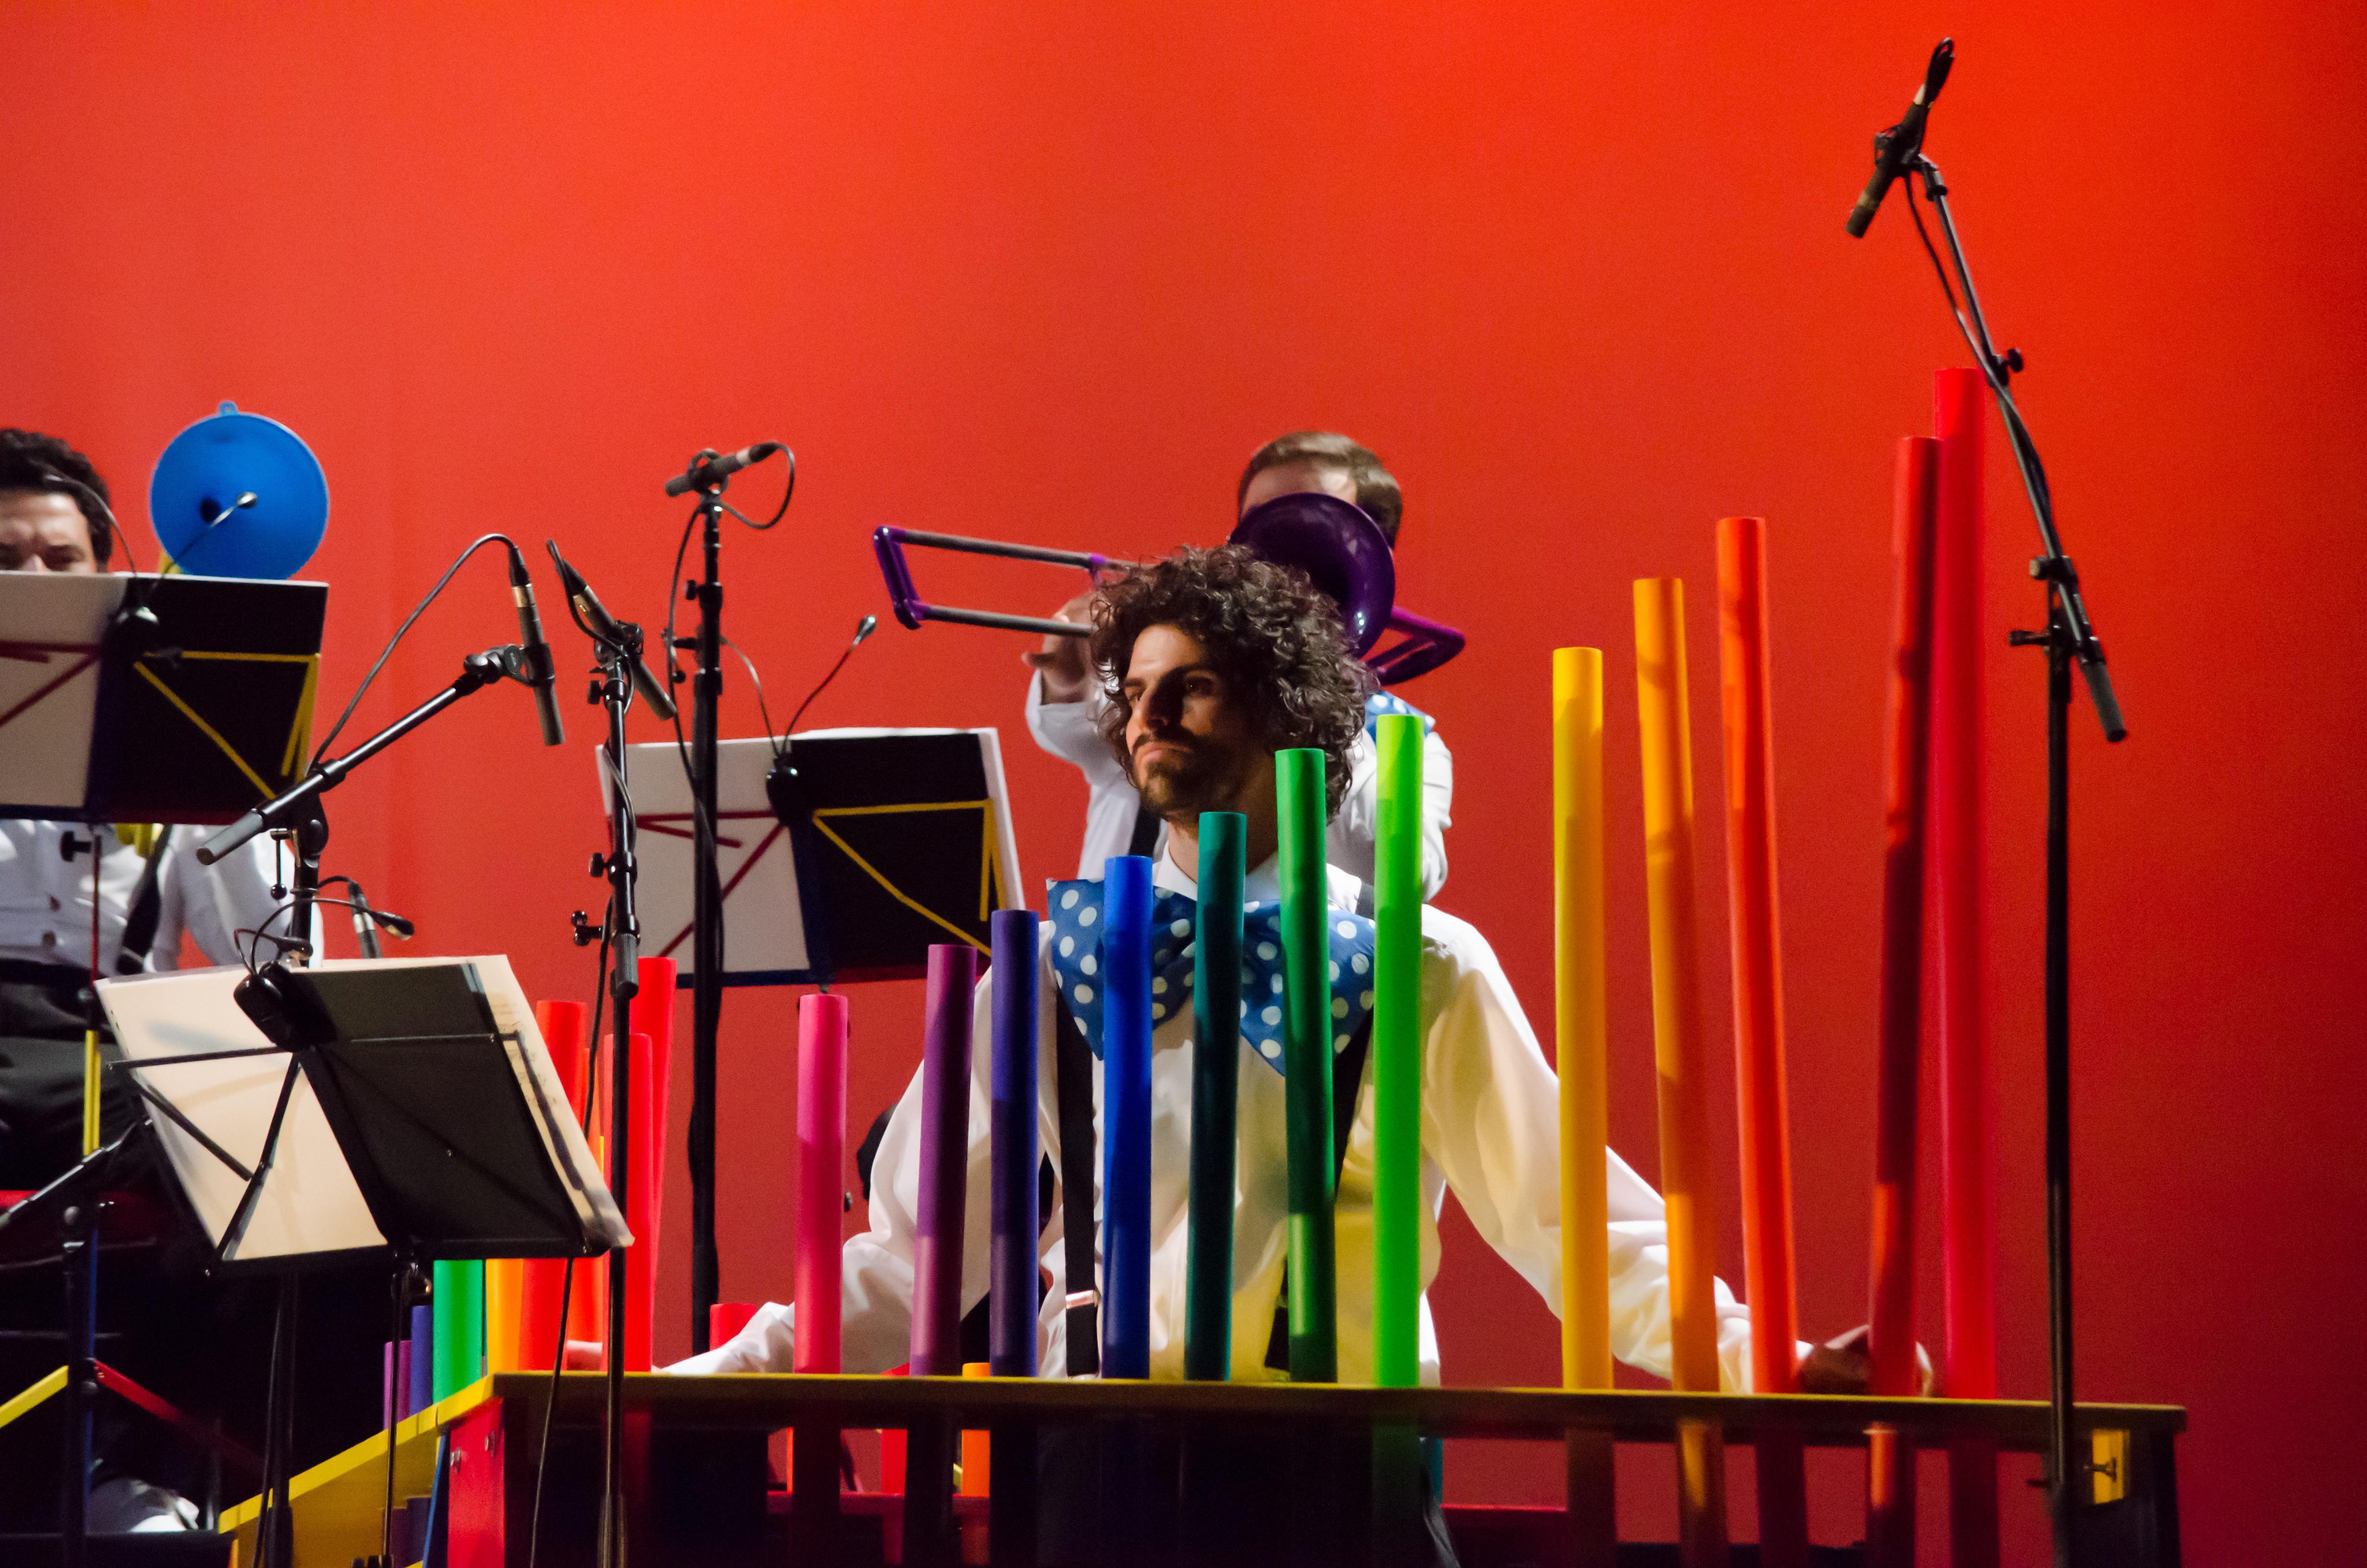 Orquestra dos brinquedos de Lisboa - Crédito: Divulgação/focomusical.org